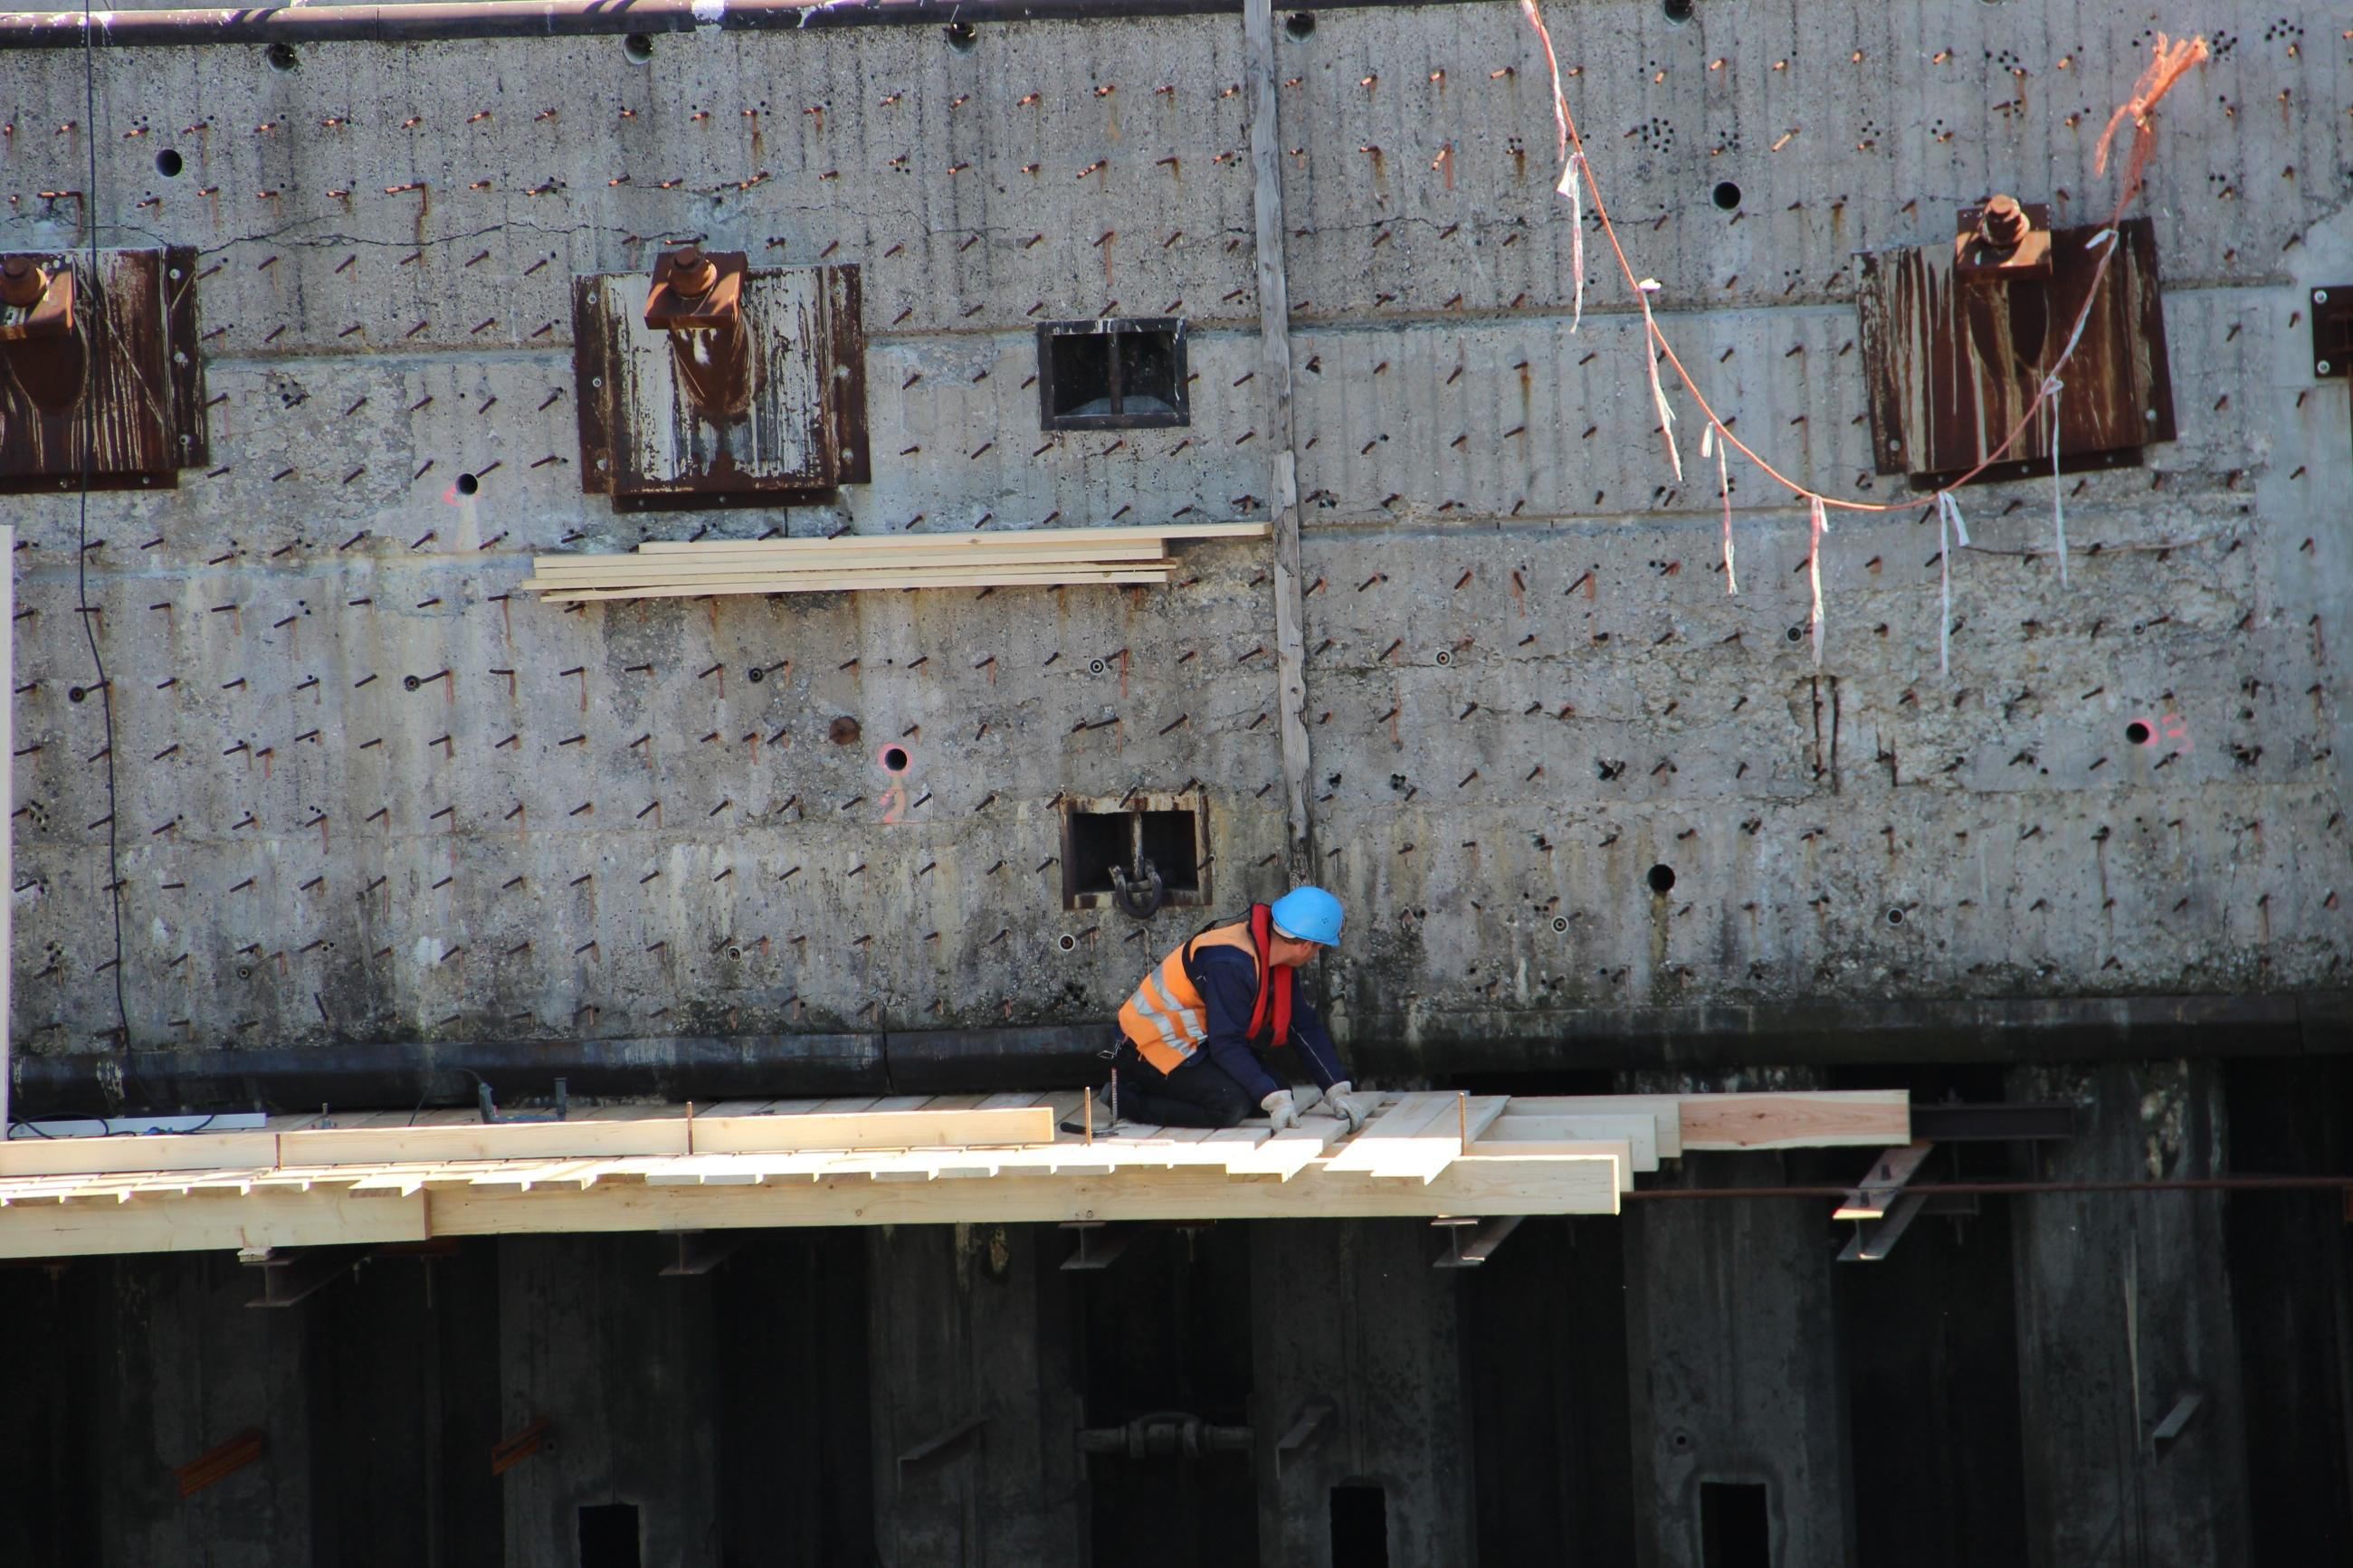 Foto: Ein Arbeiter legt einen Steg über einen Abgrund.